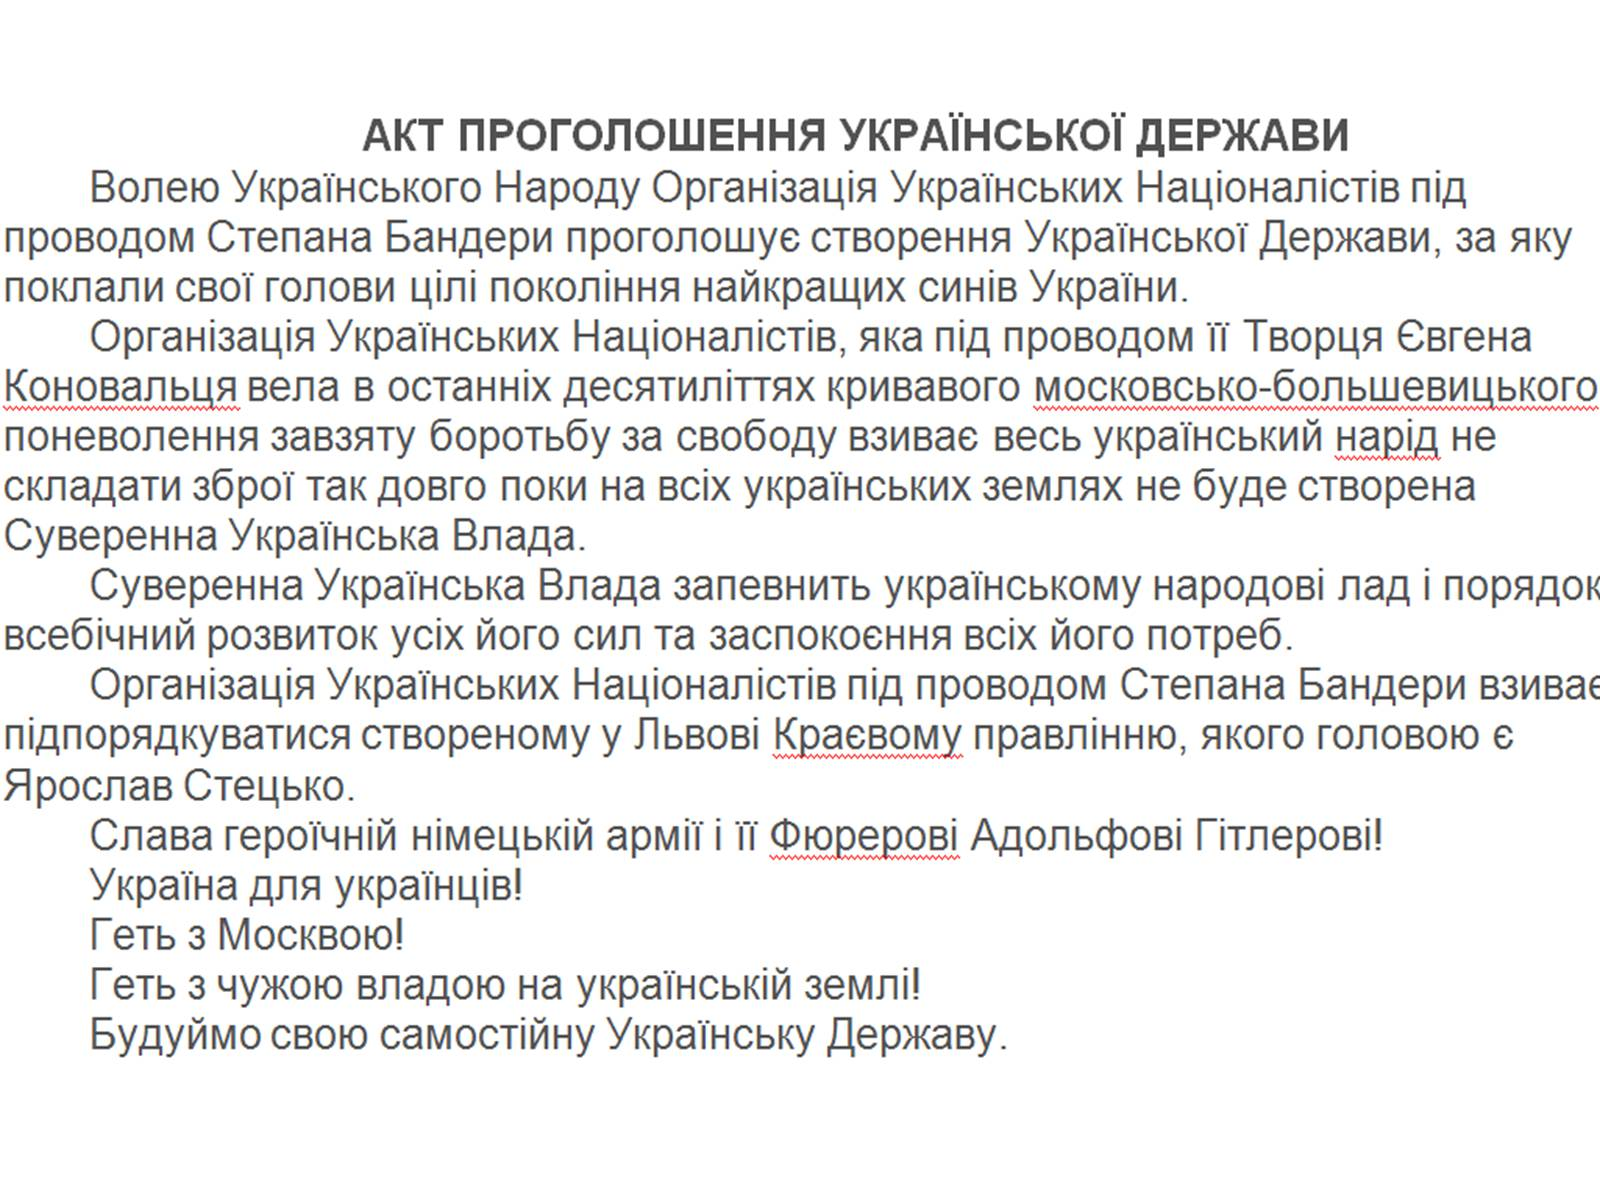 Картинки по запросу Української національної ради на чолі з М.Величковським,